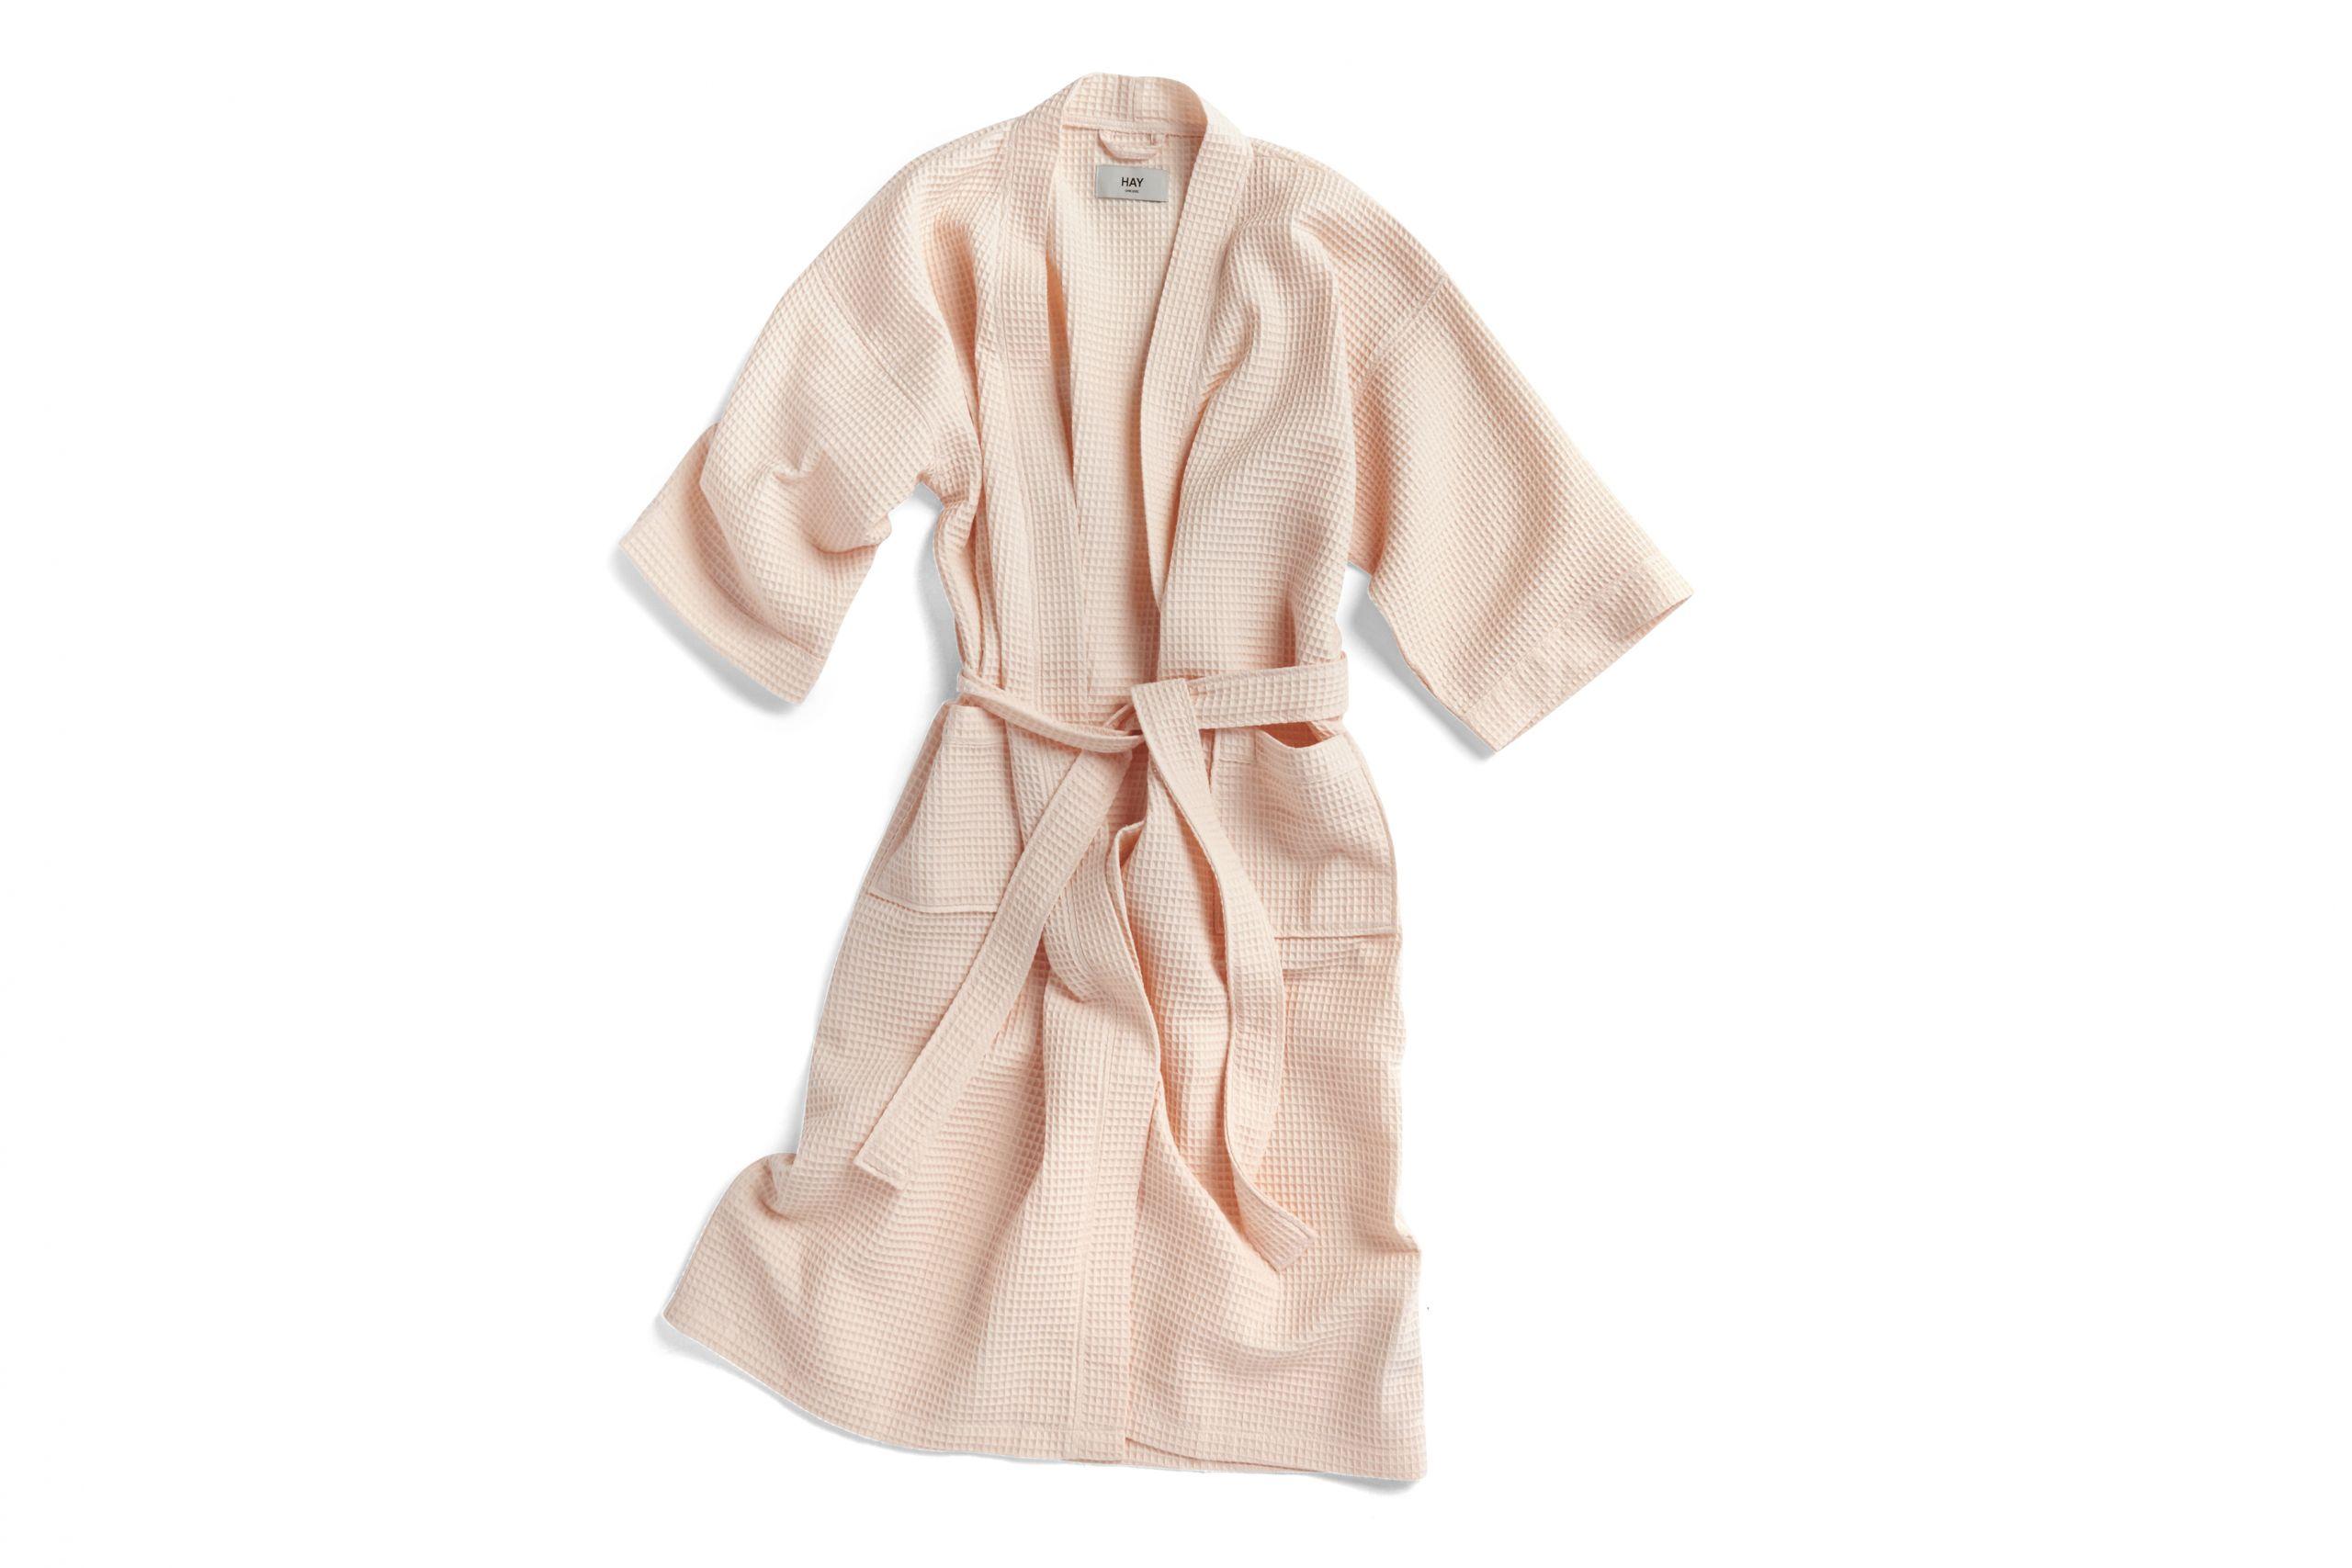 waffle bathrope one size nude